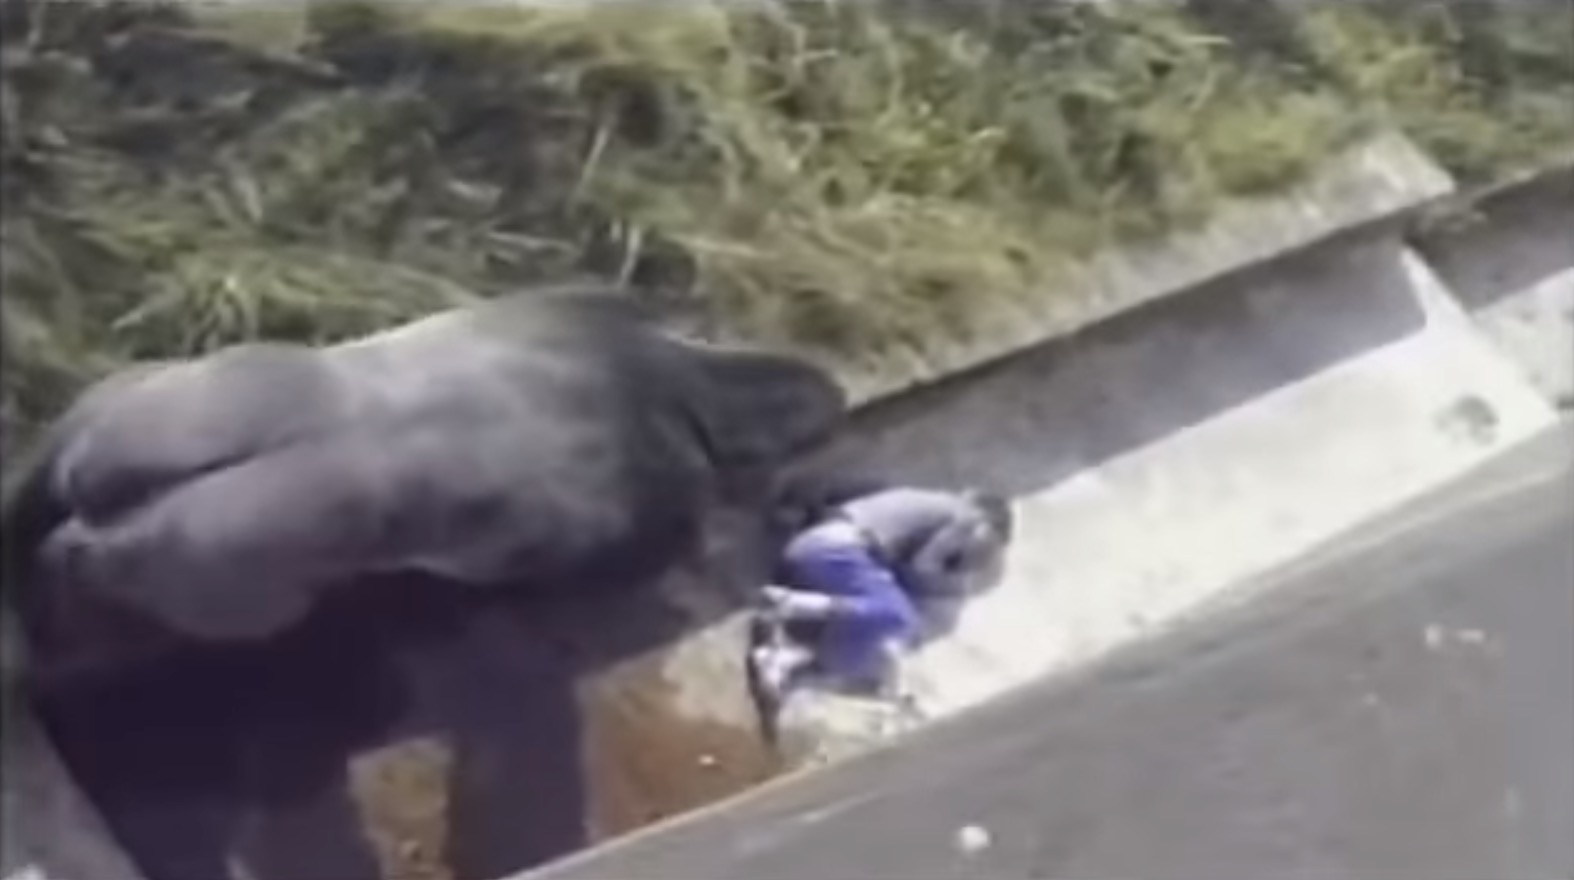 5歲小男孩不小心跌落動物園區 大猩猩靠近後「下秒動作」驚呆全場所有人